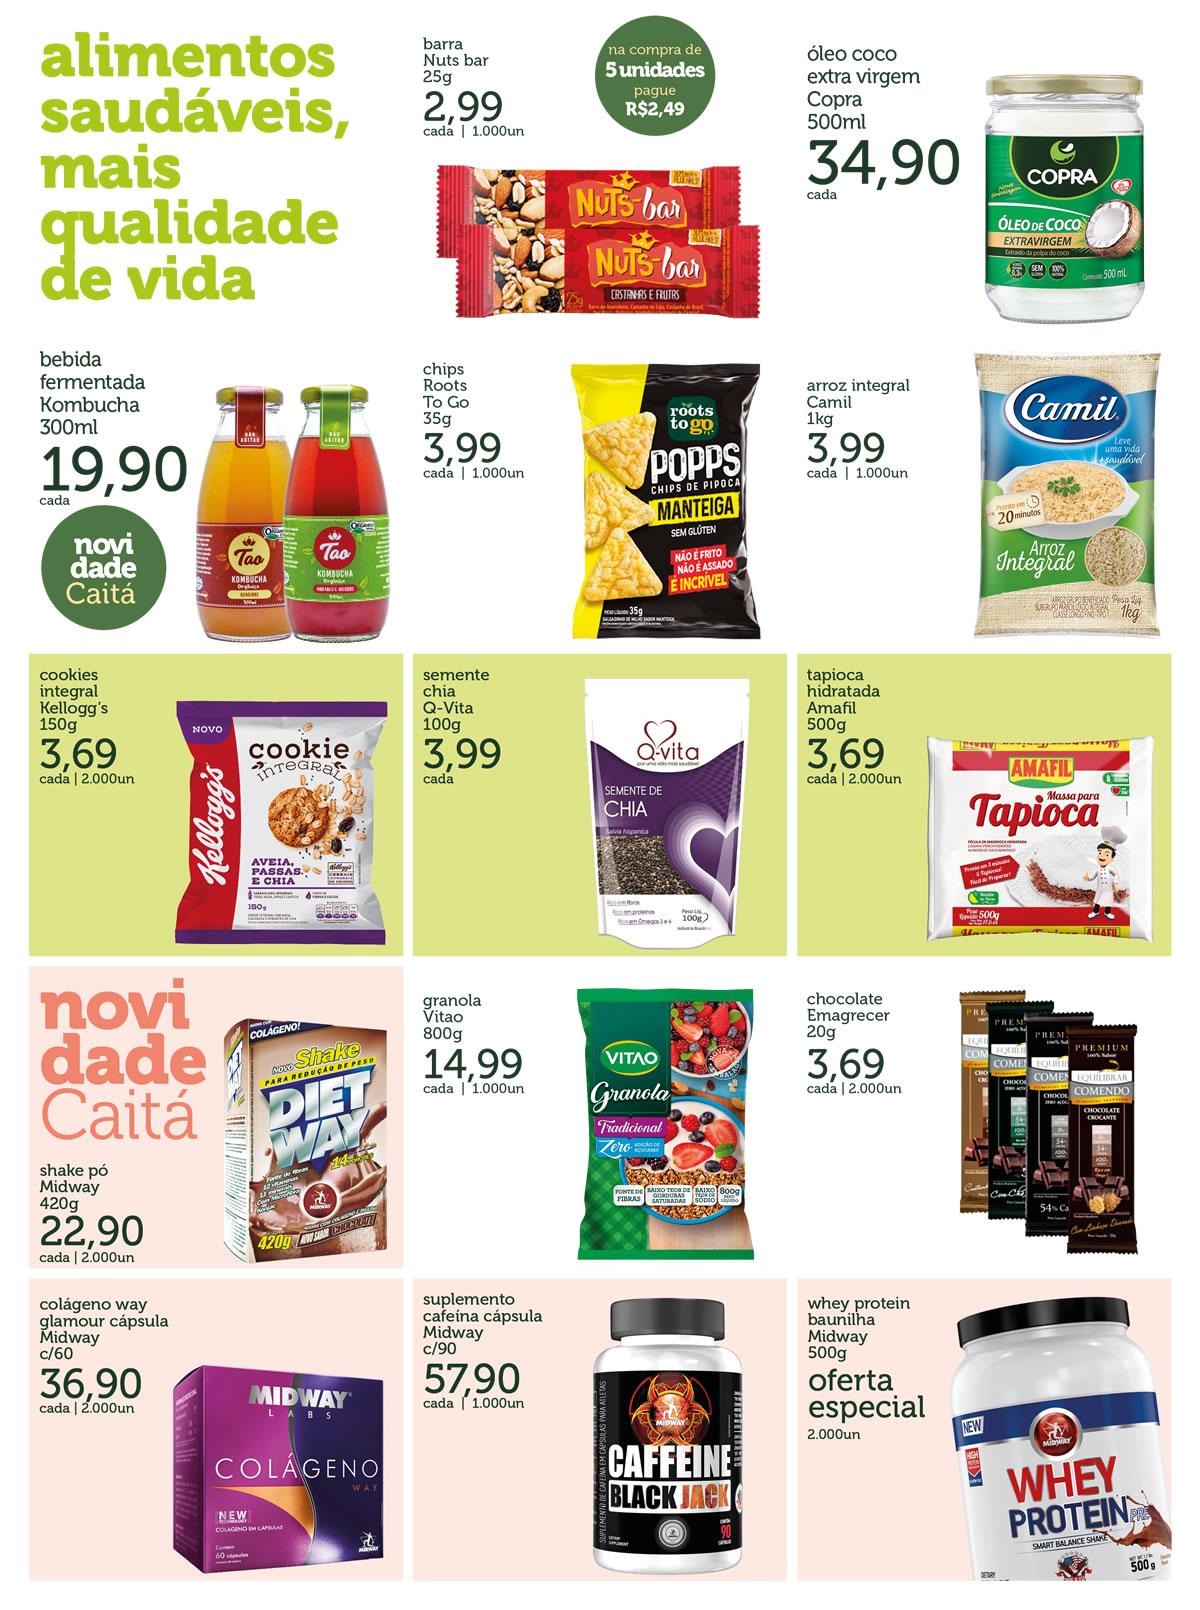 caita_supermercados_tabloide_junho2018_concordia12